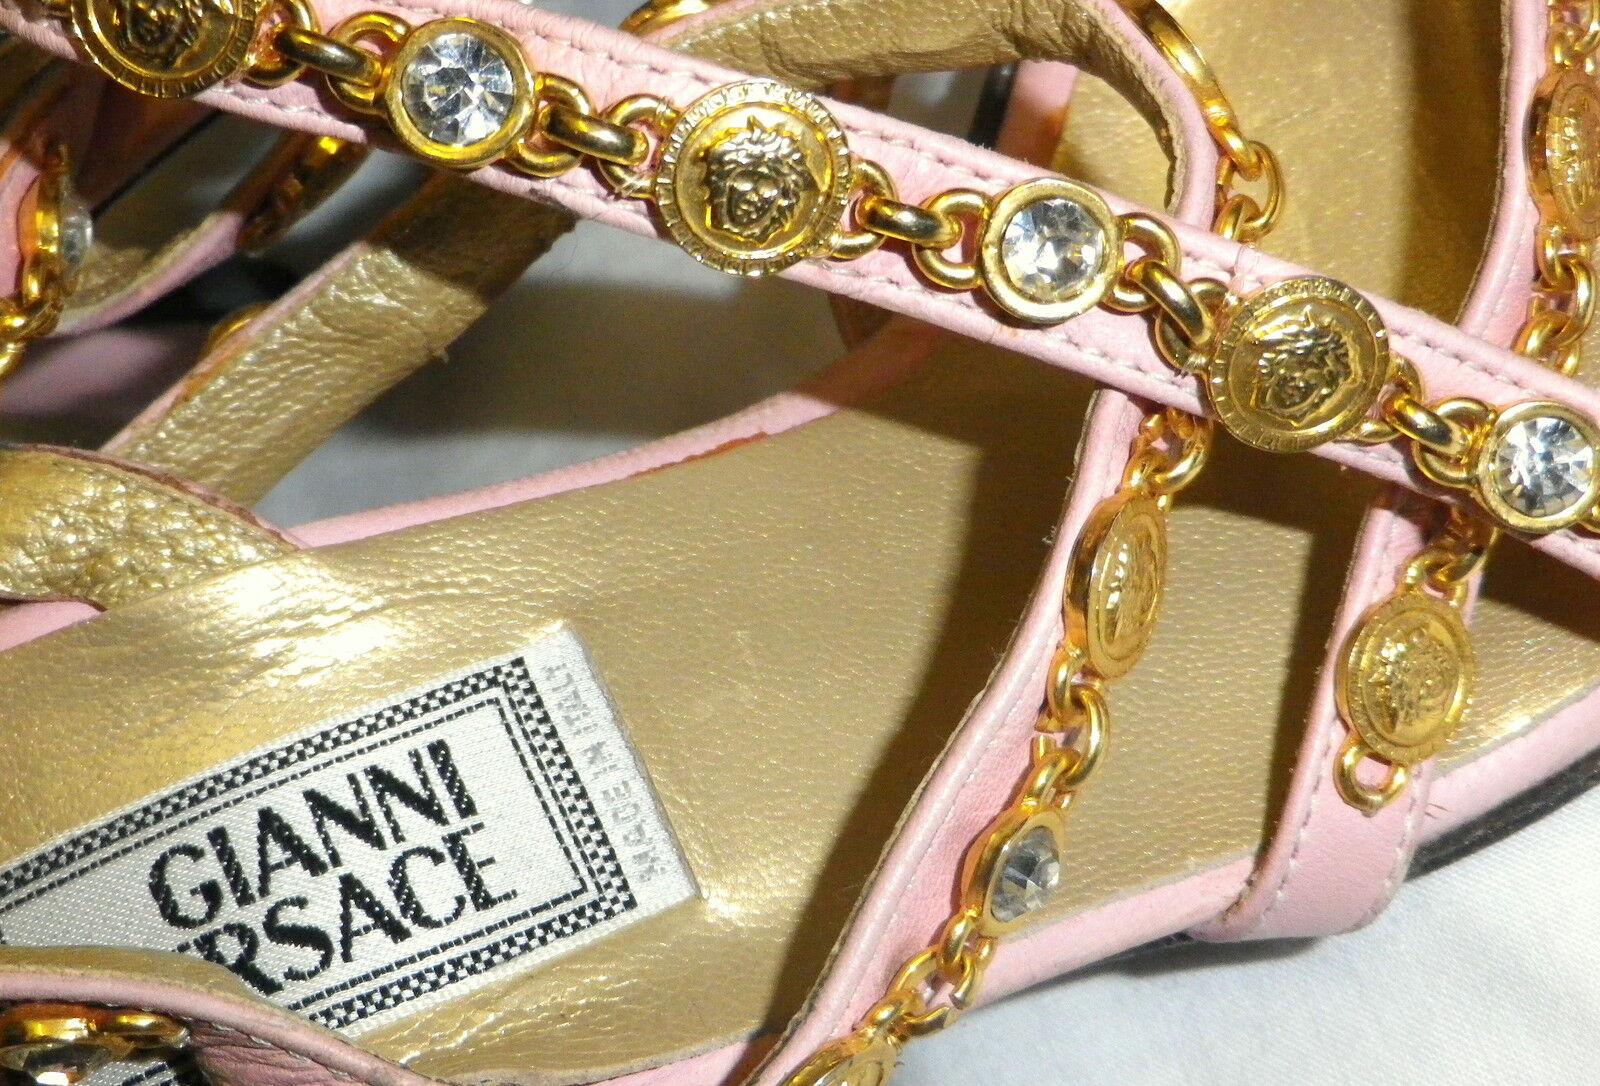 Gianni Versace en tono dorado Tiras Medusa Sandalias De Tiras dorado Tacones Zapatos Talla Uk 4 tamaño 37 9a7804